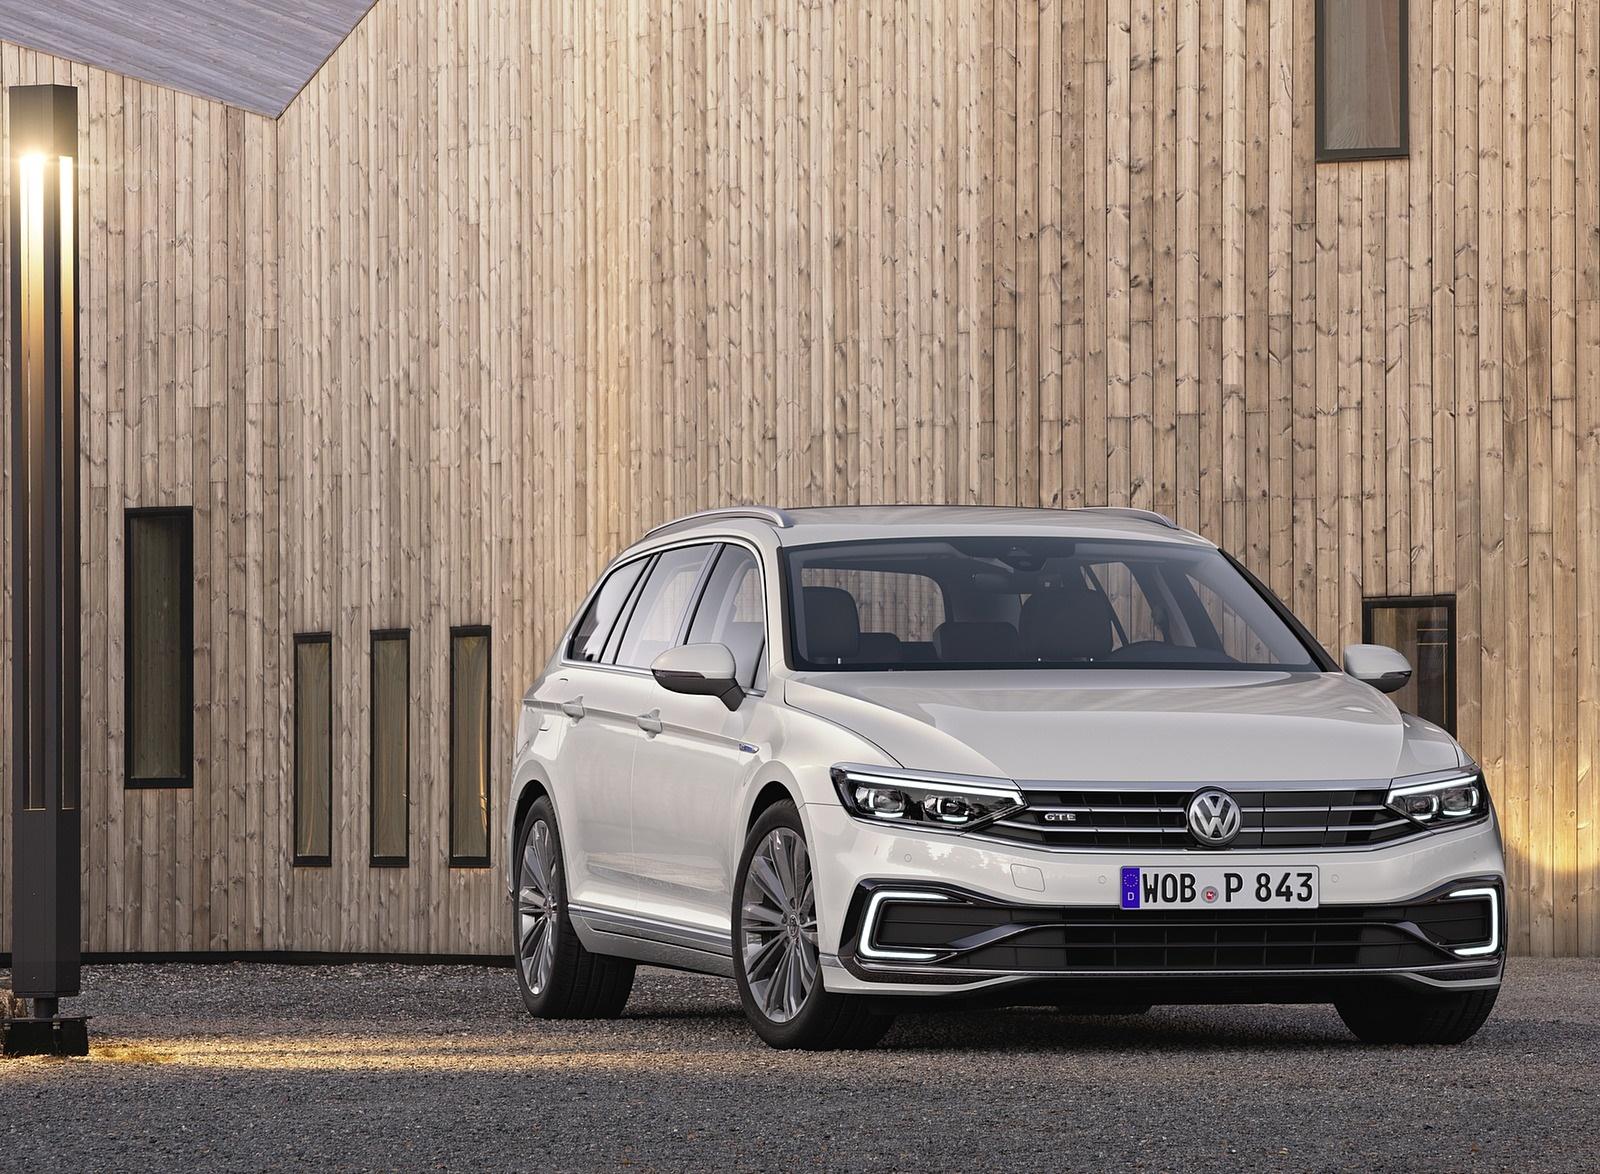 2020 Volkswagen Passat GTE Variant (EU-Spec) Front Wallpaper (11)